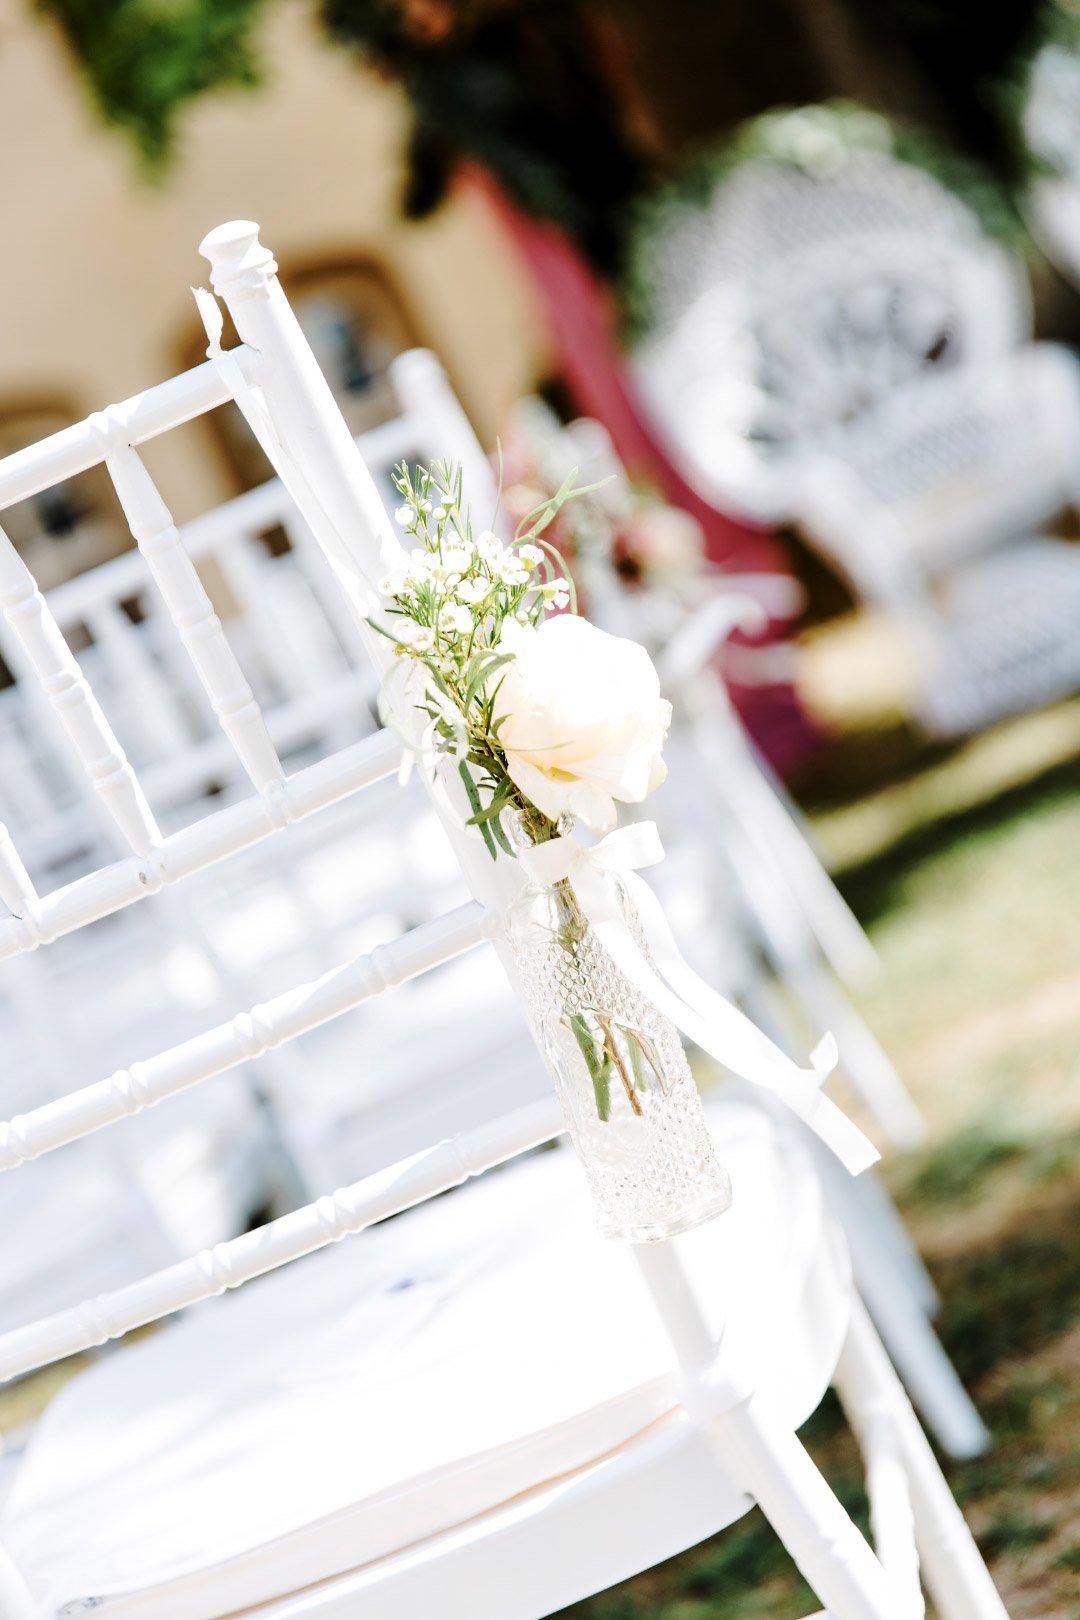 Blume am Stuhl für die Gäste